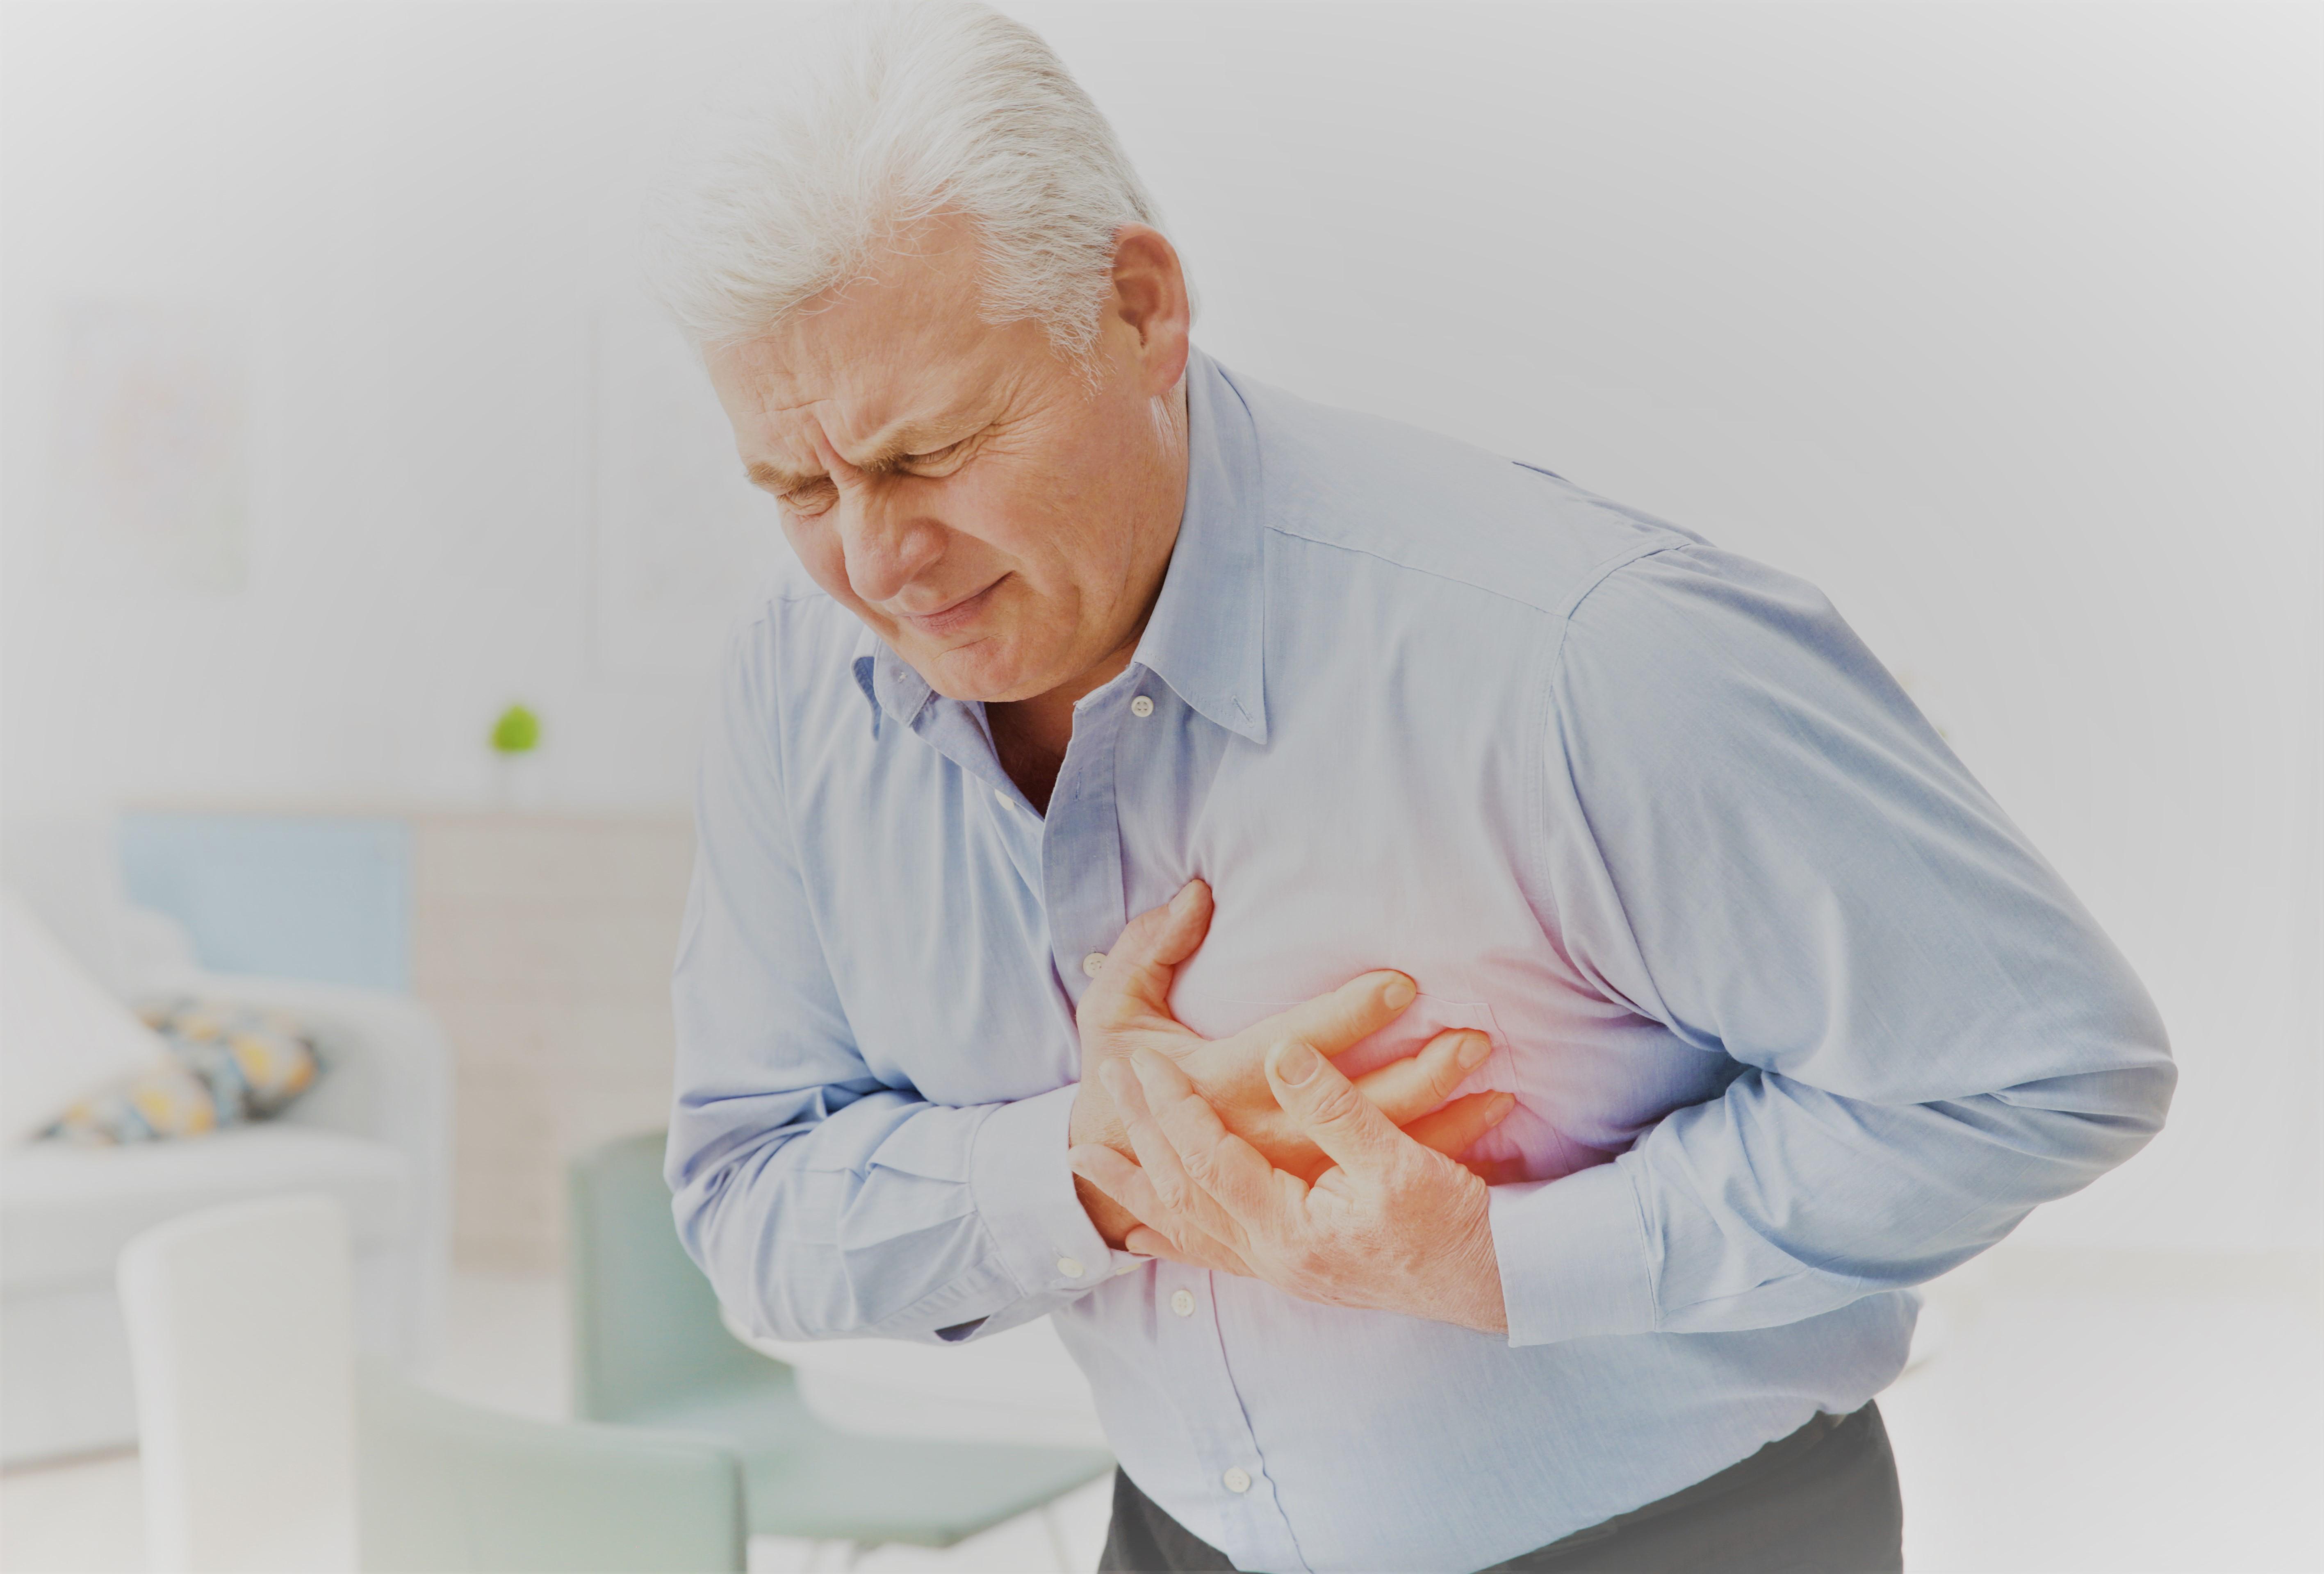 lehet-e fájdalom a szívben a magas vérnyomás miatt